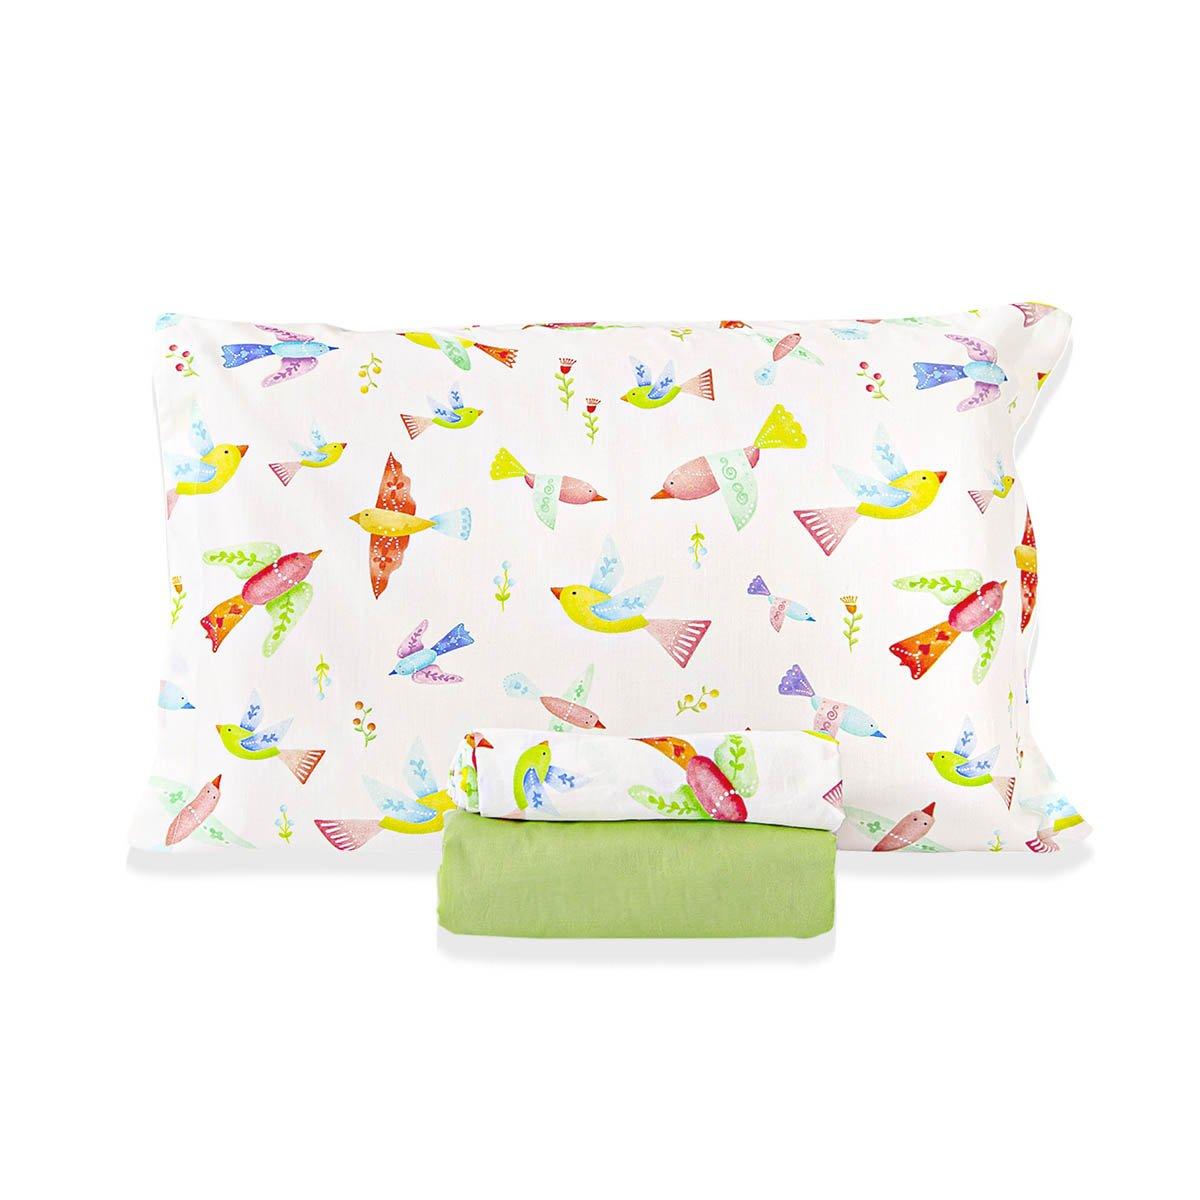 Jogo De Cama Pássaros Com Lençol De Elástico Verde Limão